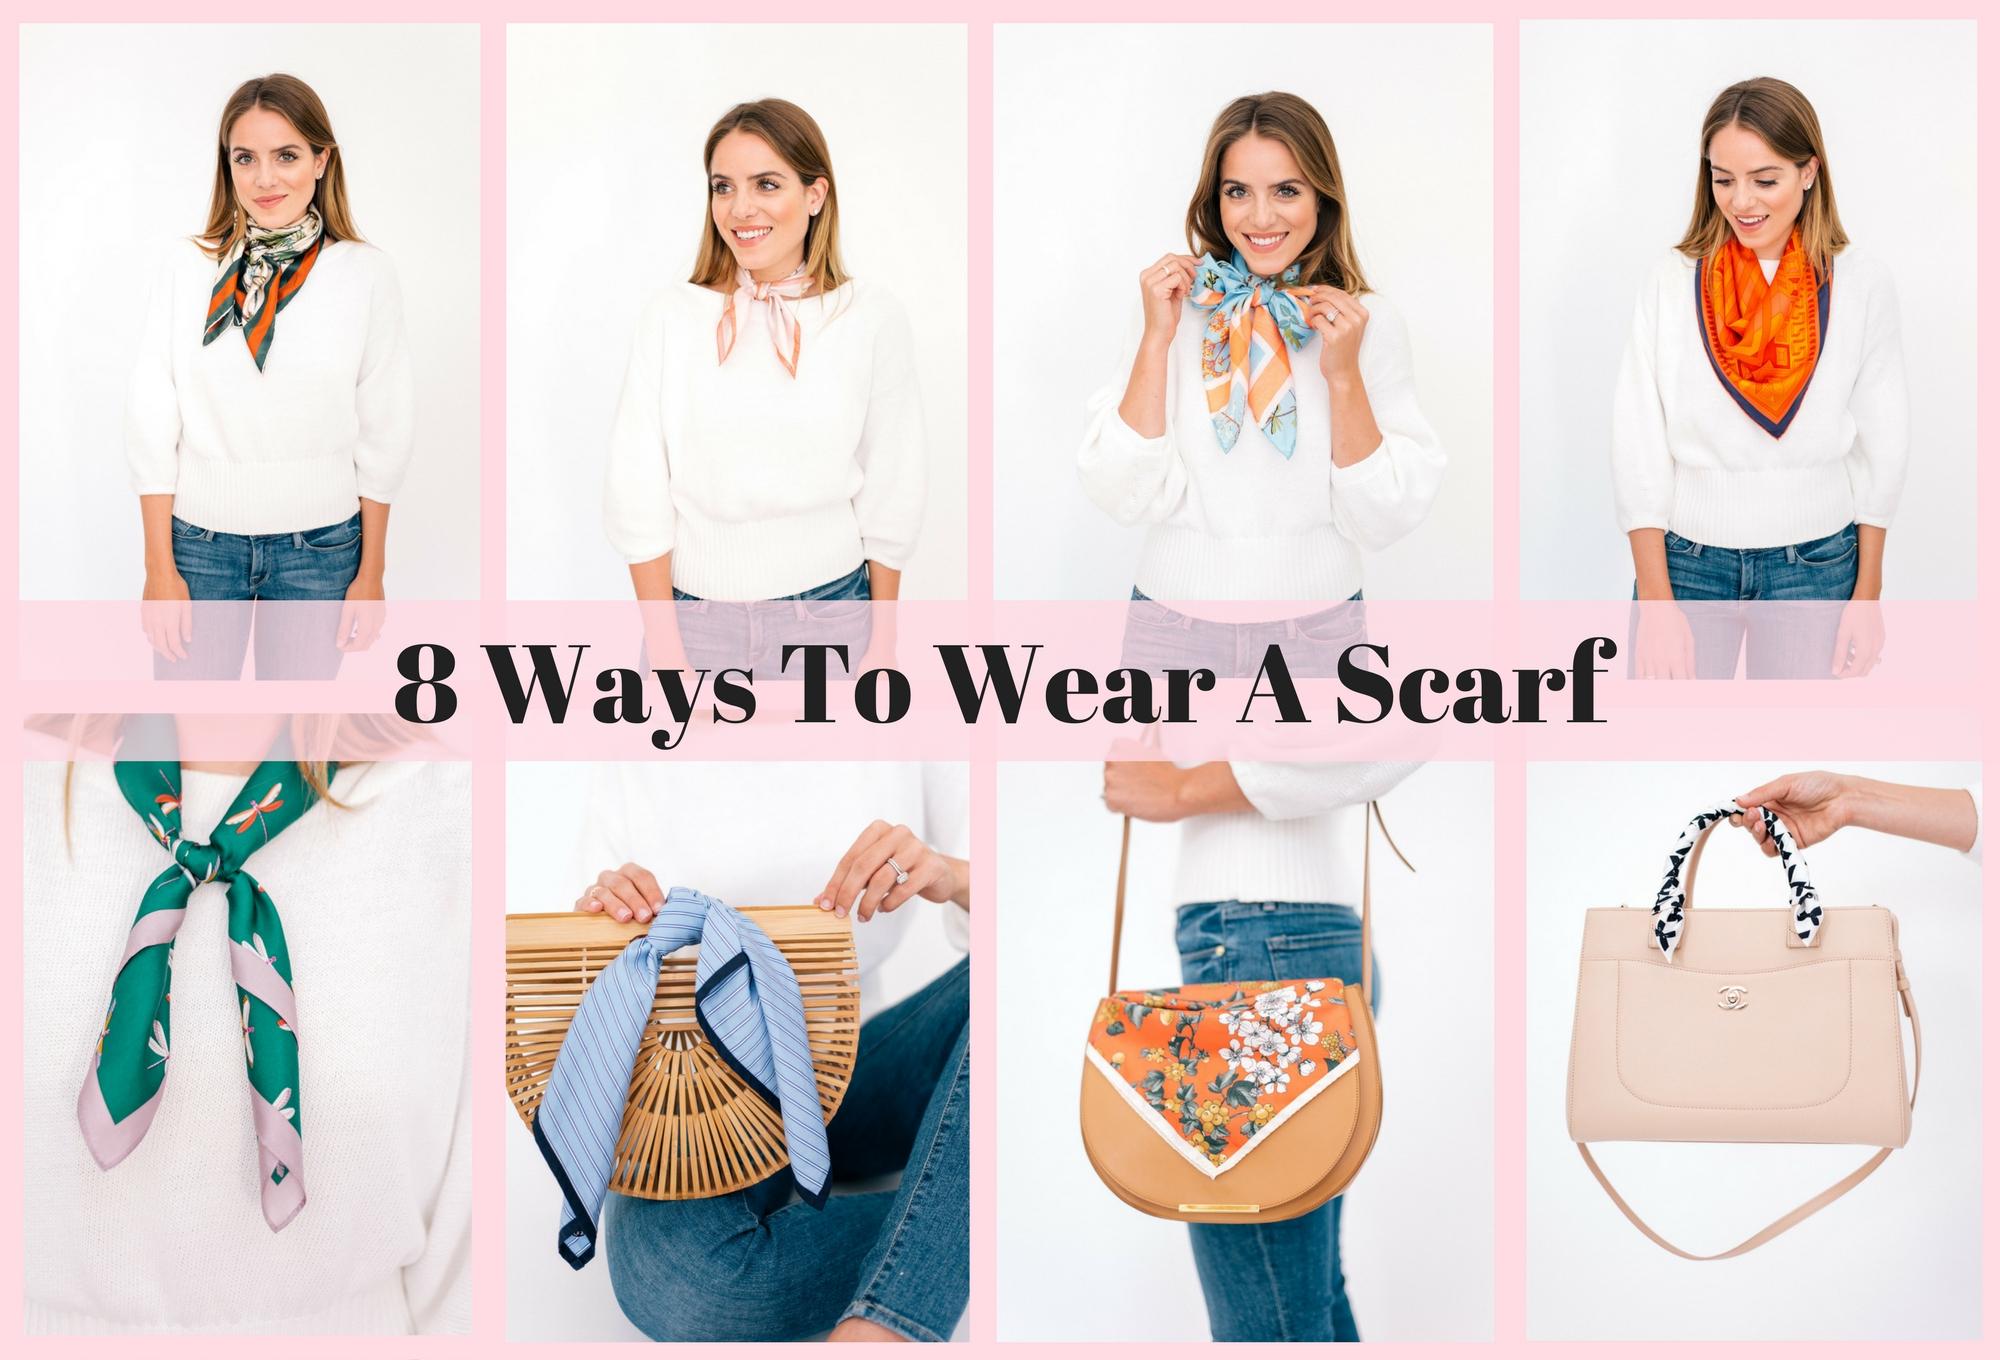 8 Ways To Wear A Scarf